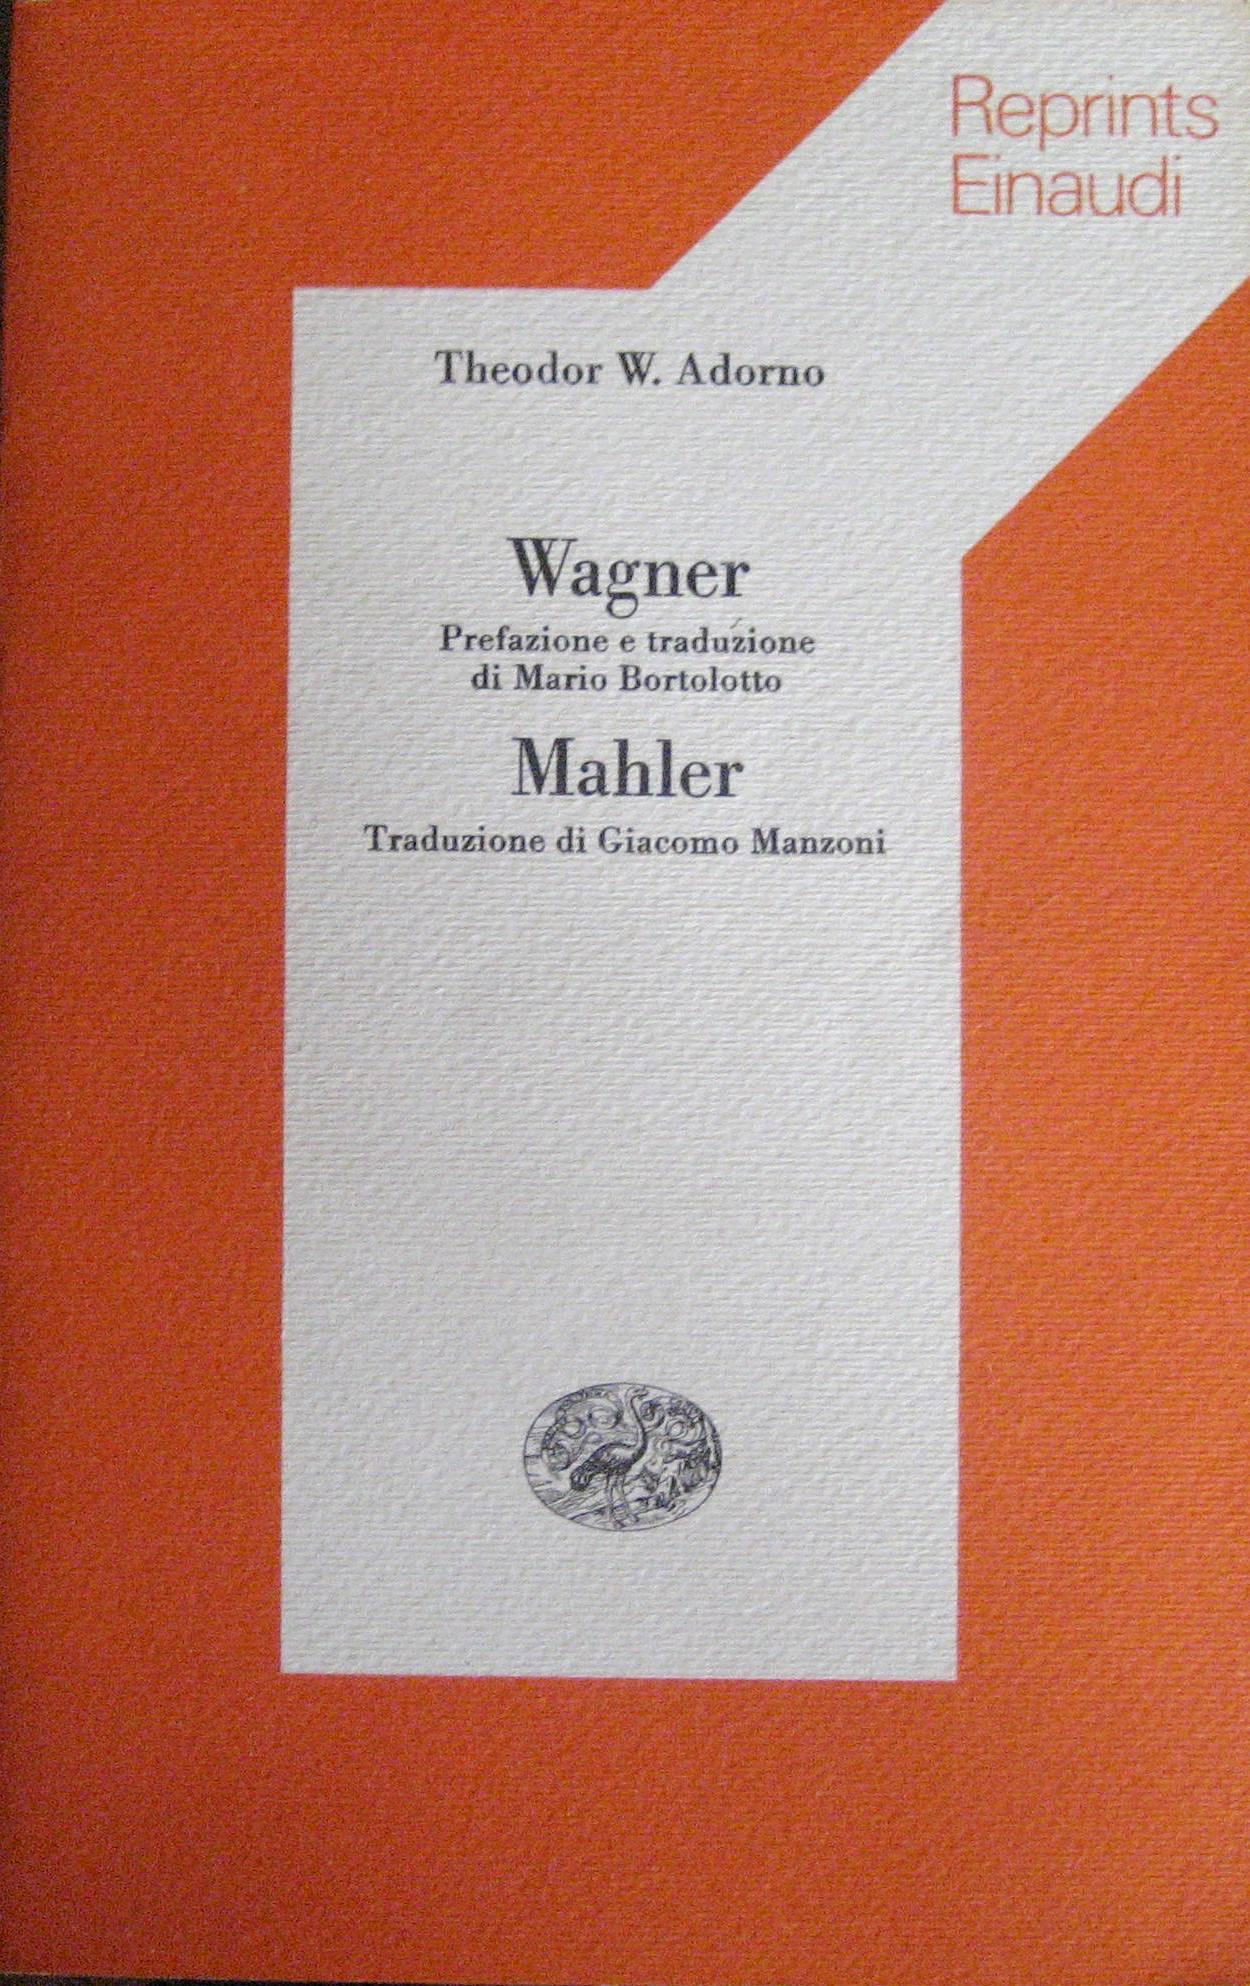 Wagner, Mahler